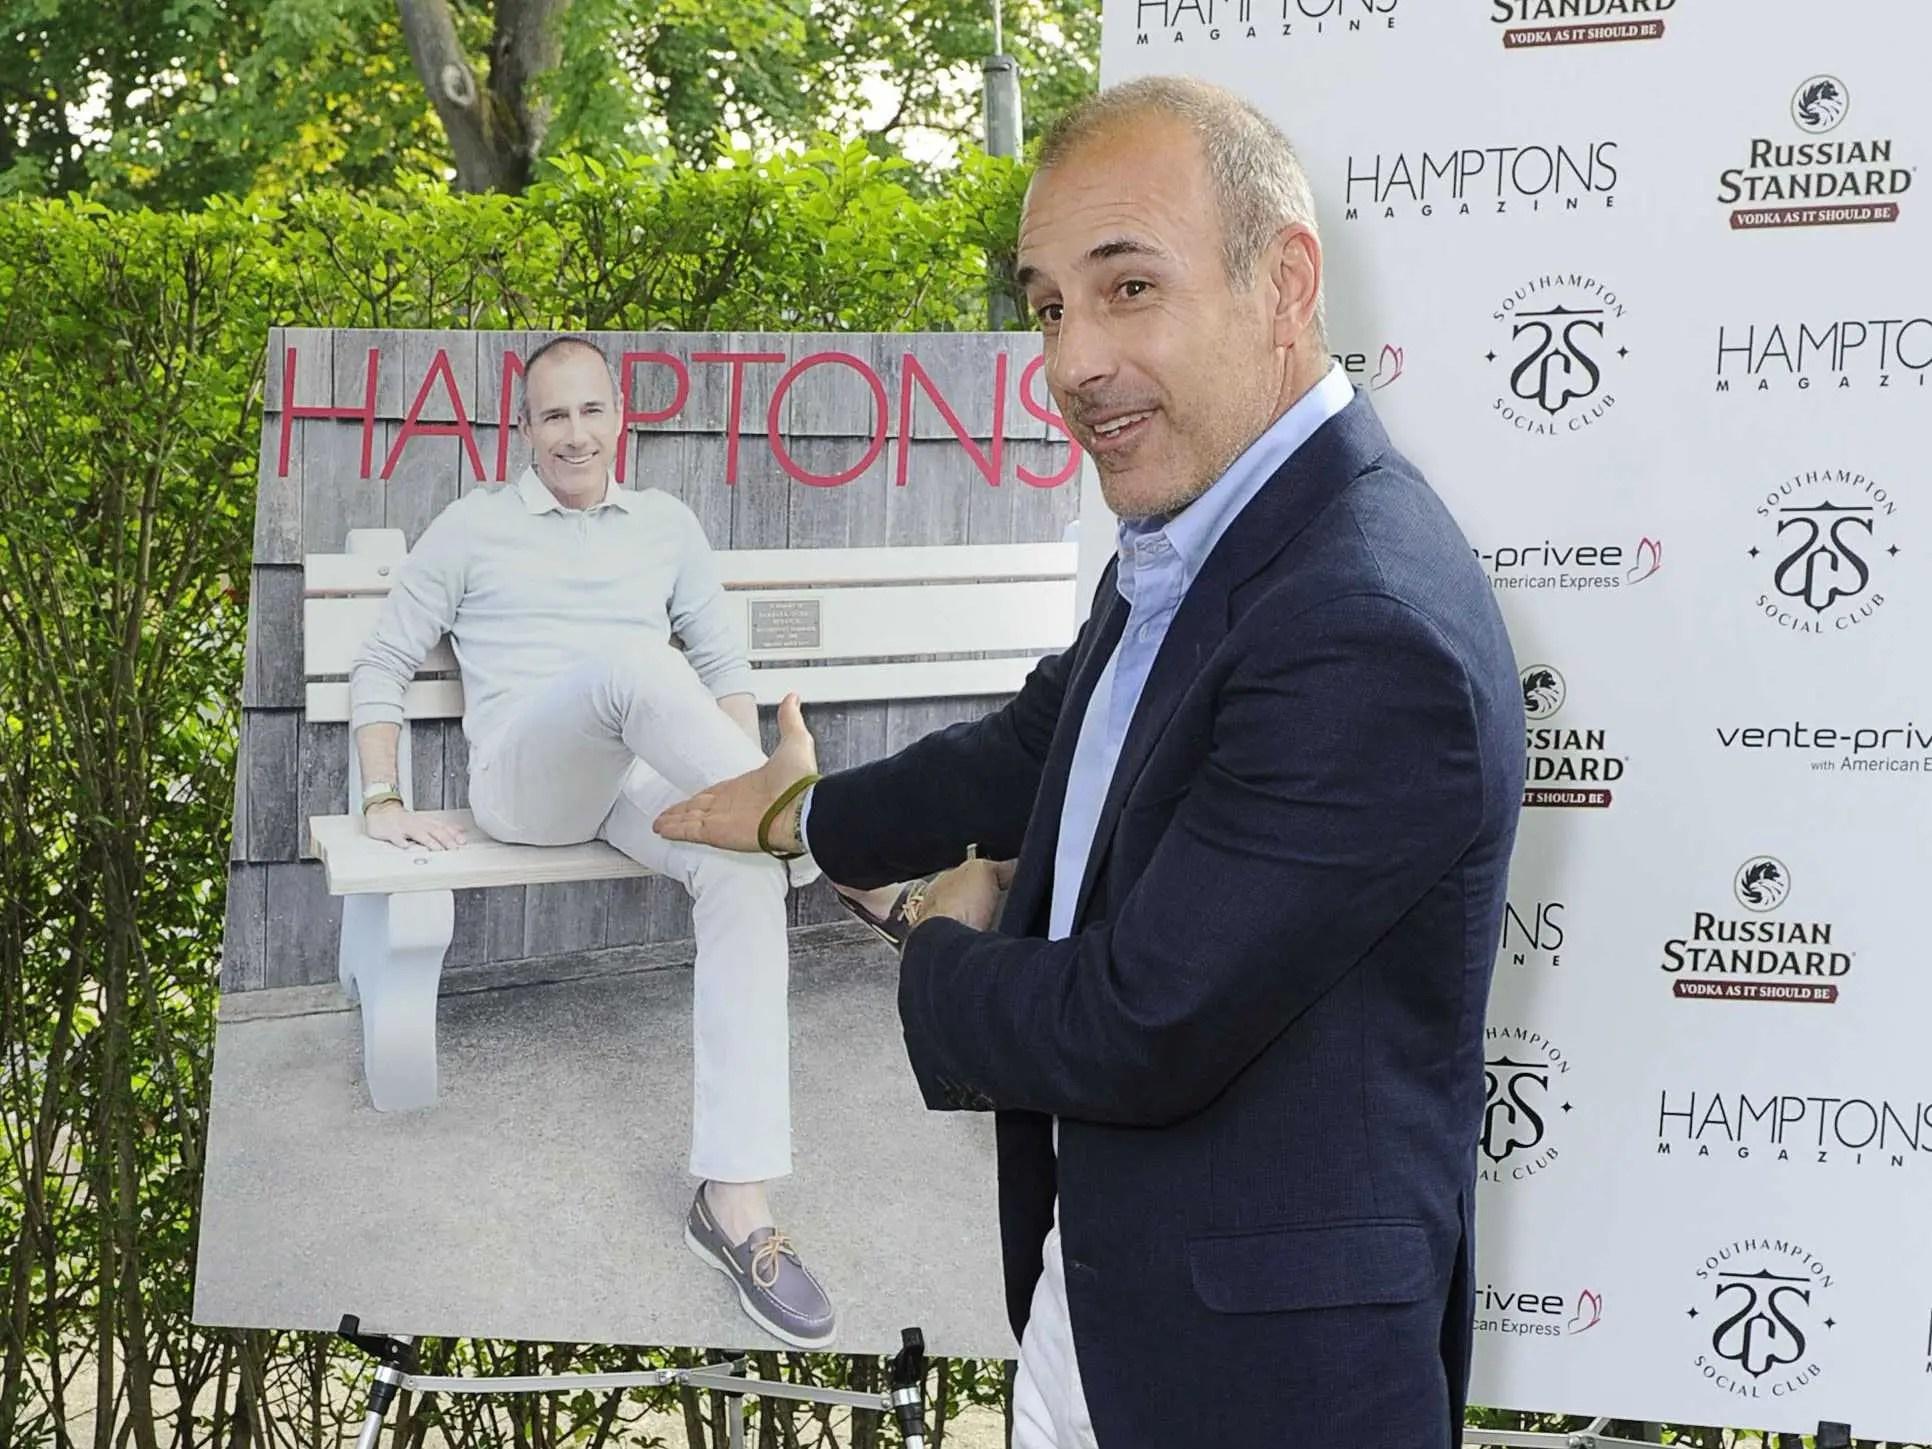 Matt Lauer, quien vive en molino de agua a tiempo completo con su familia, apareció en la portada de Hamptons magazine en 2012.